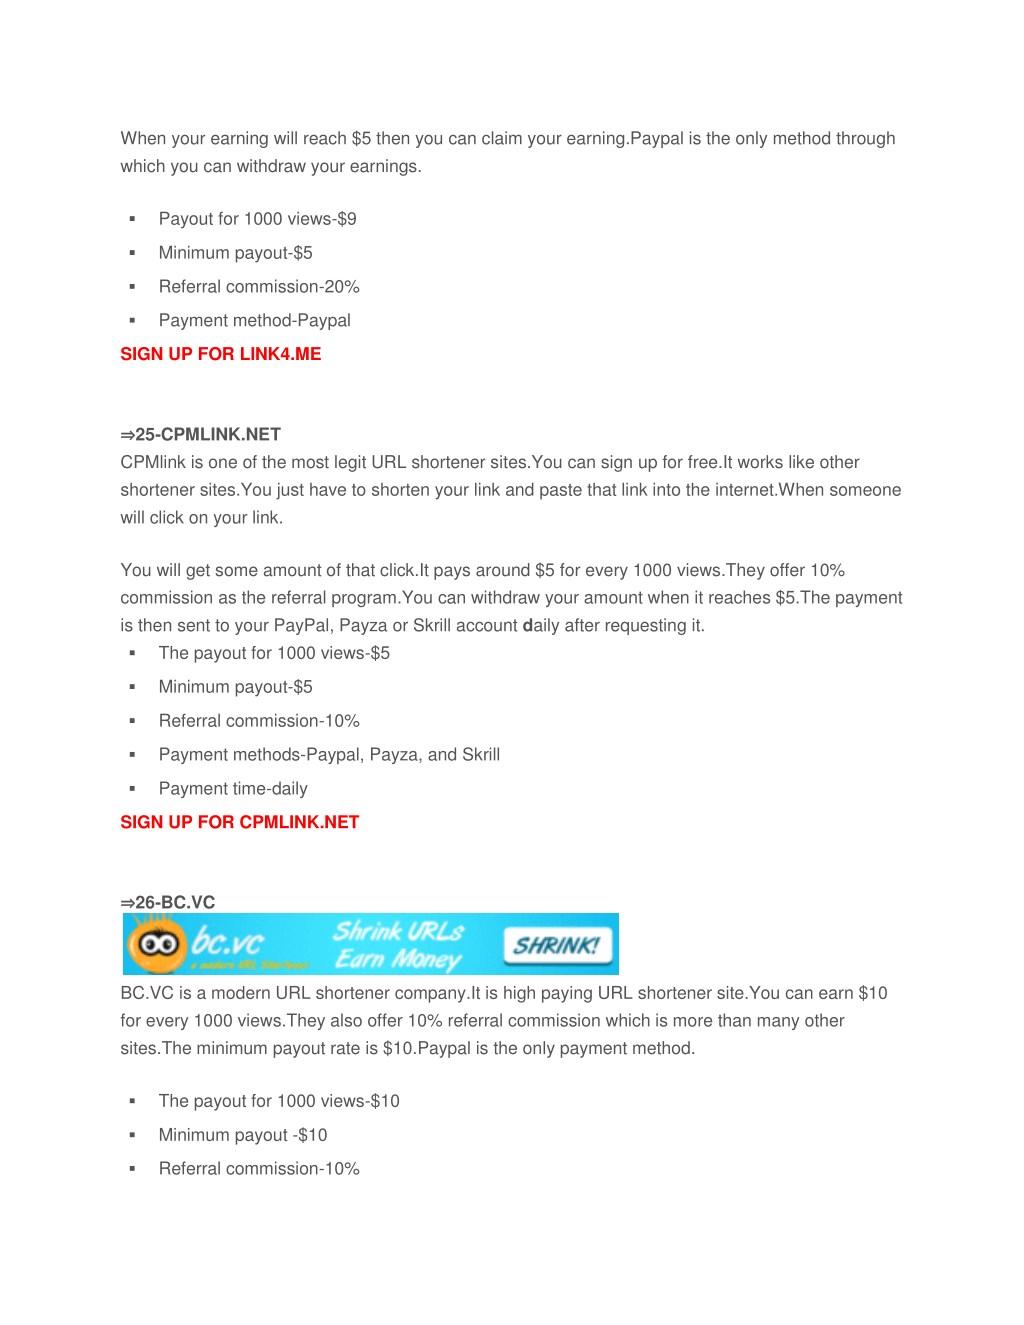 PPT - 30 Highest Paying URL Shortener 2018:Best URL